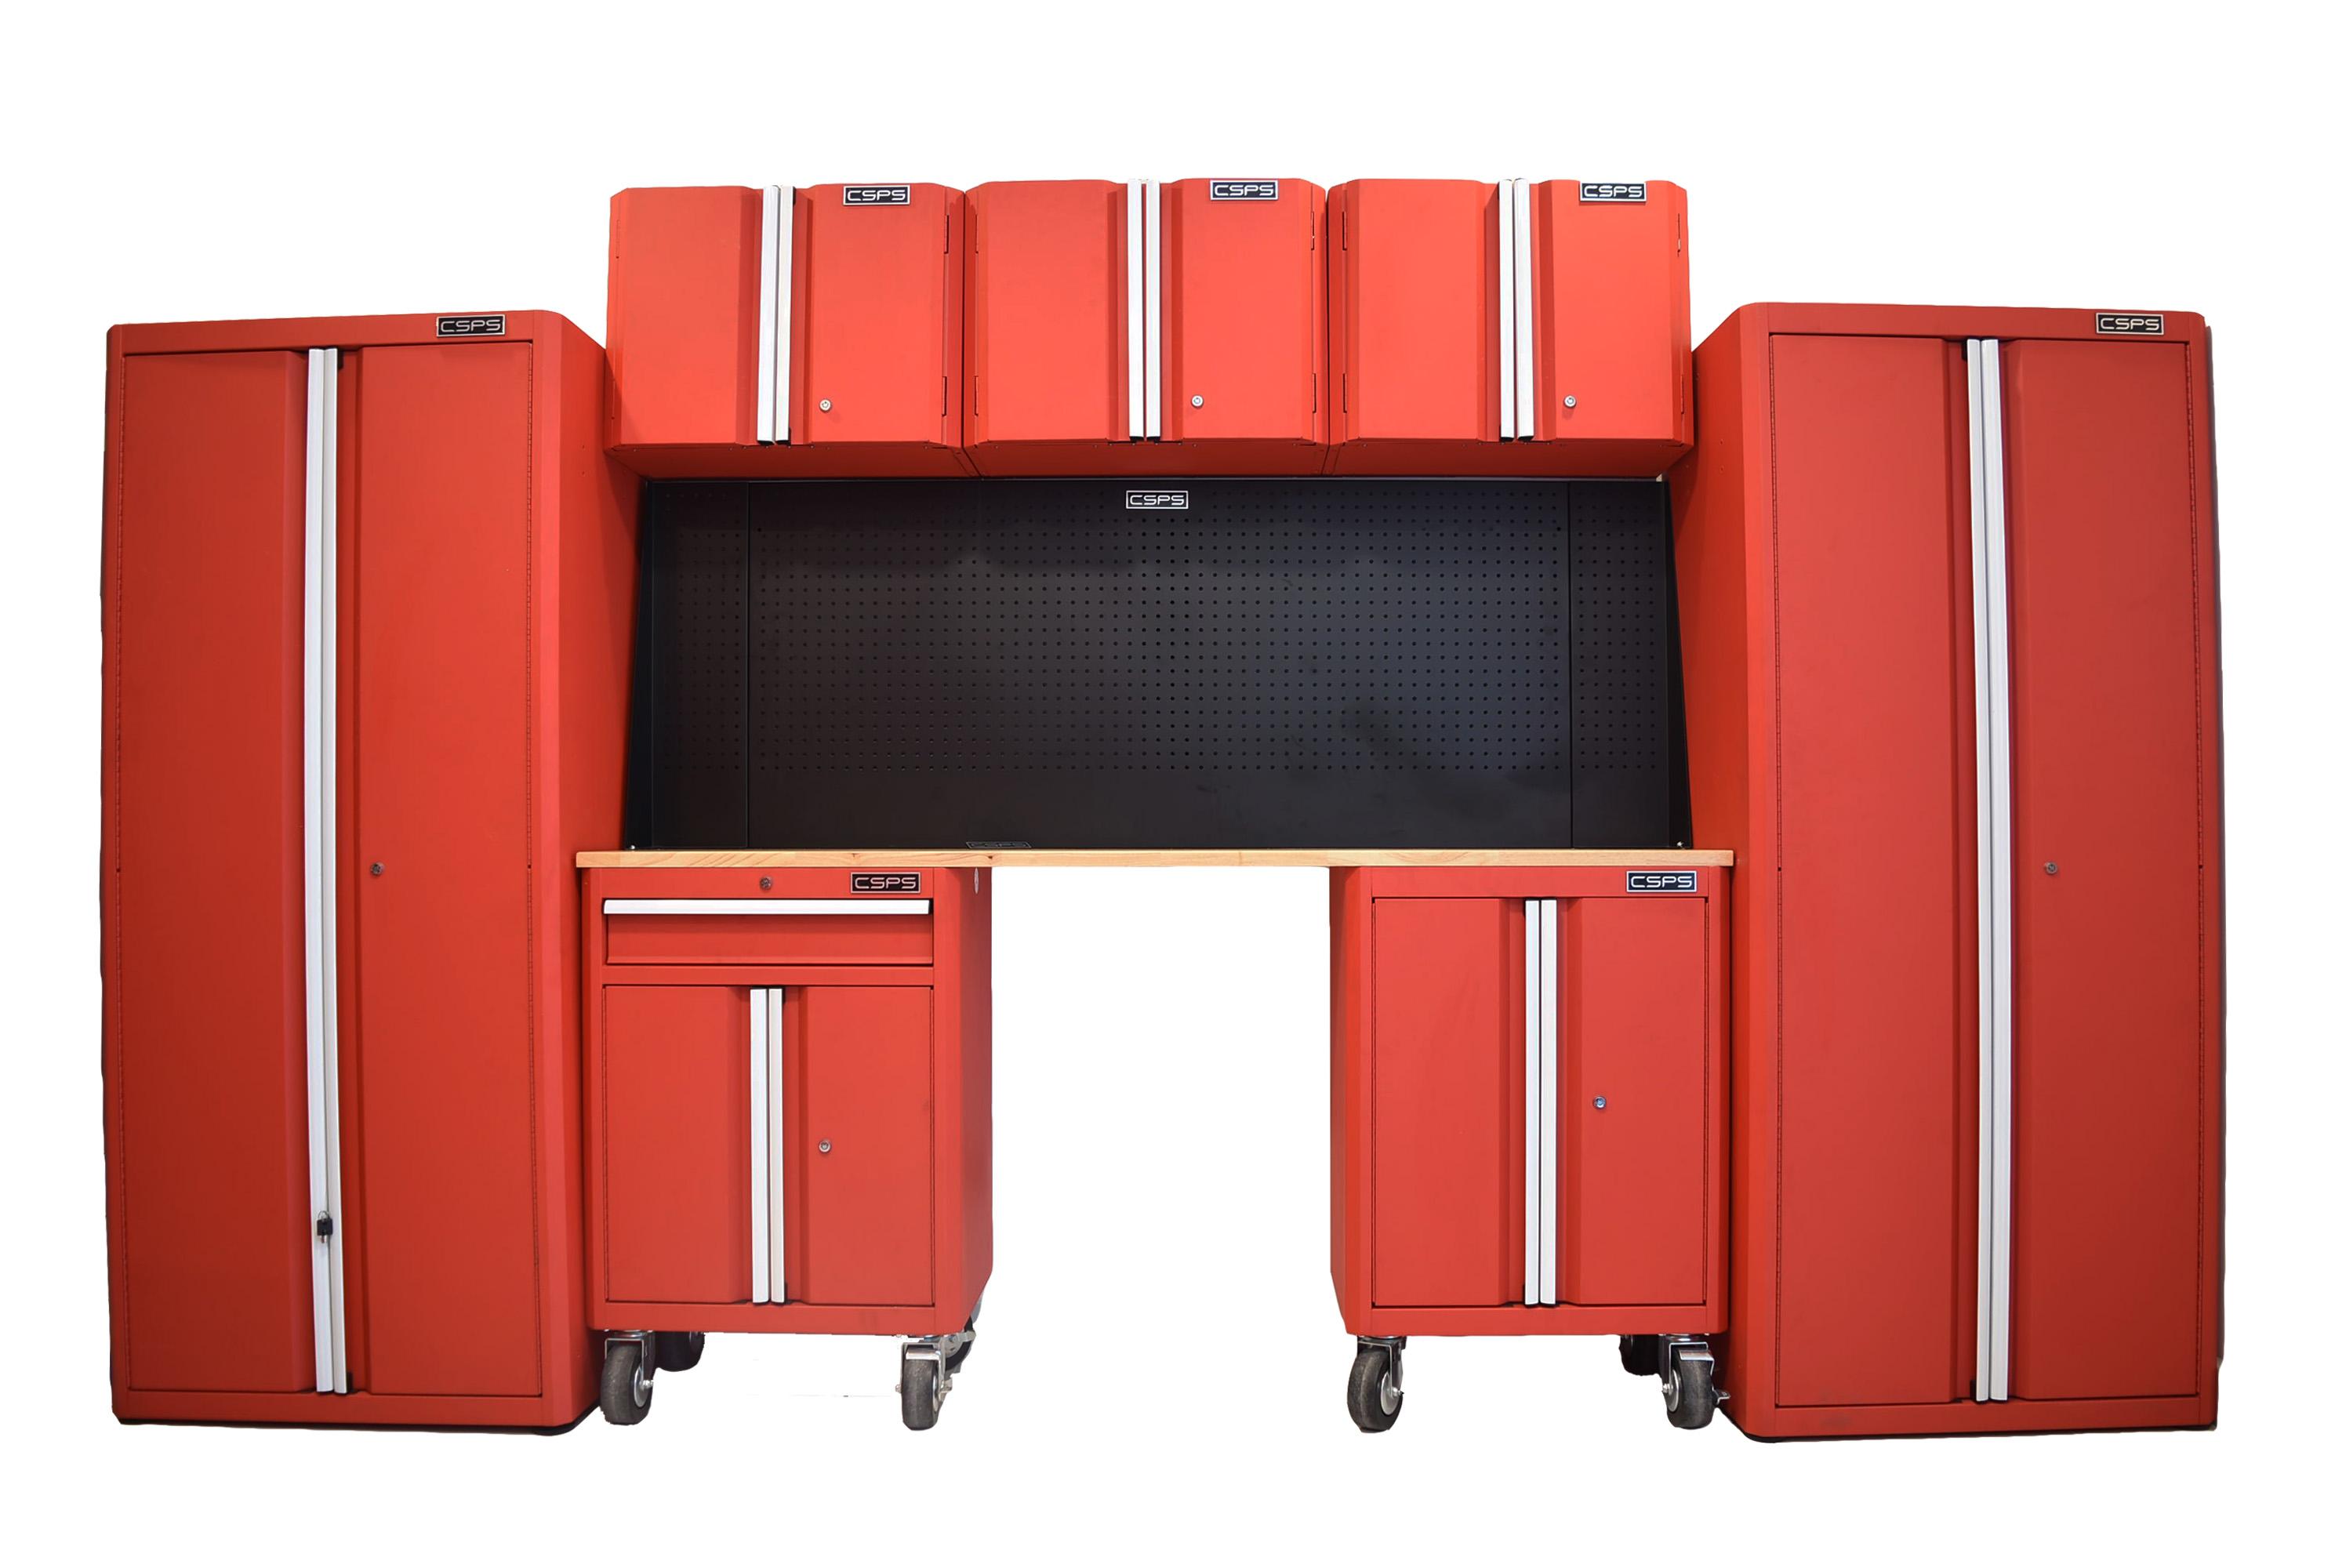 Bộ 8 tủ CSPS 355cm - Đỏ/Đen